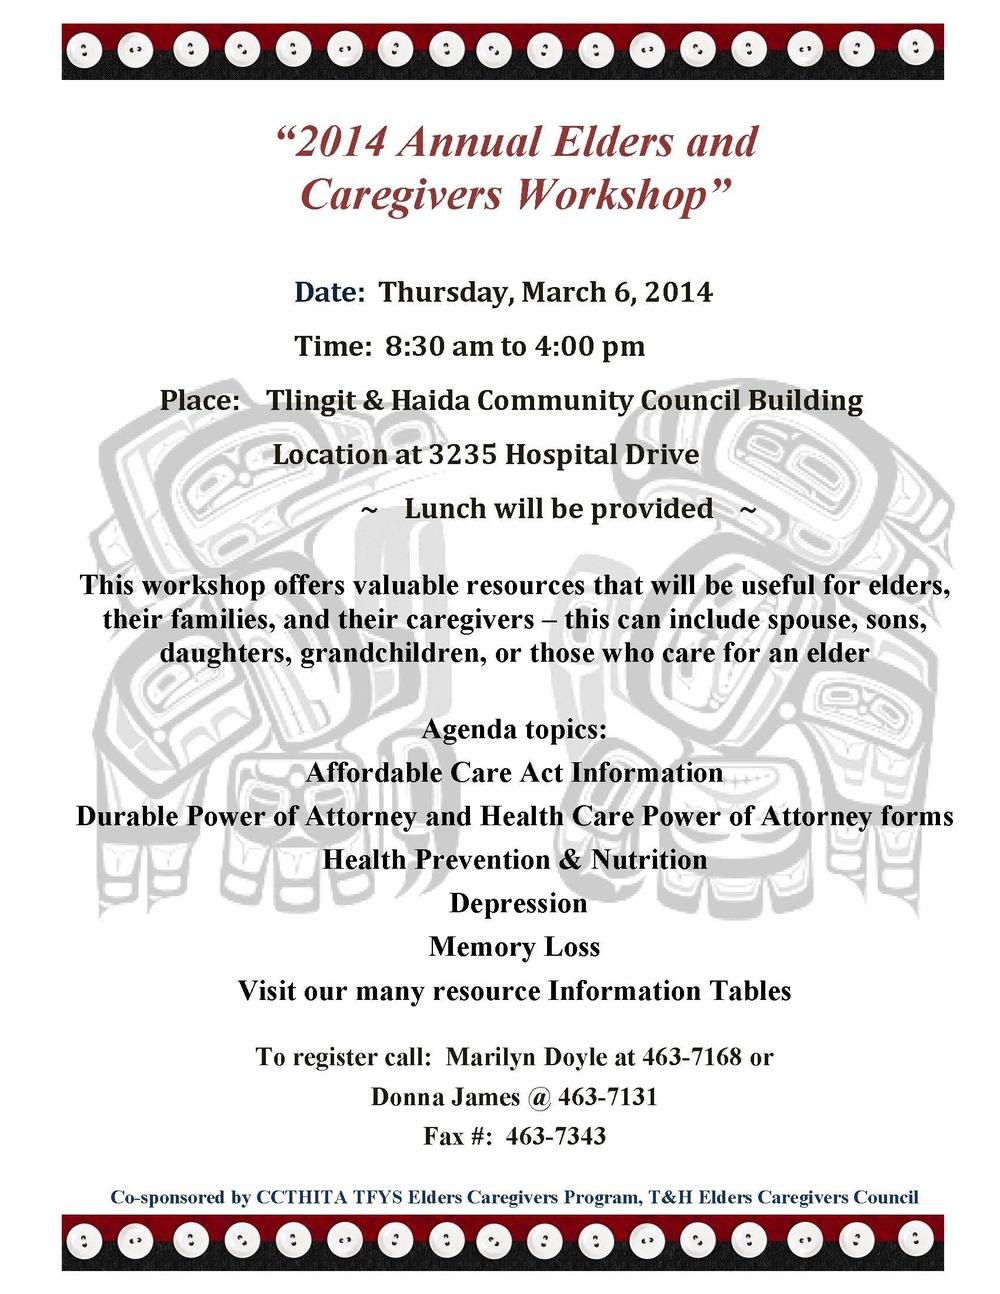 Caregivers Workshop Flyer 2-20-14.JPG